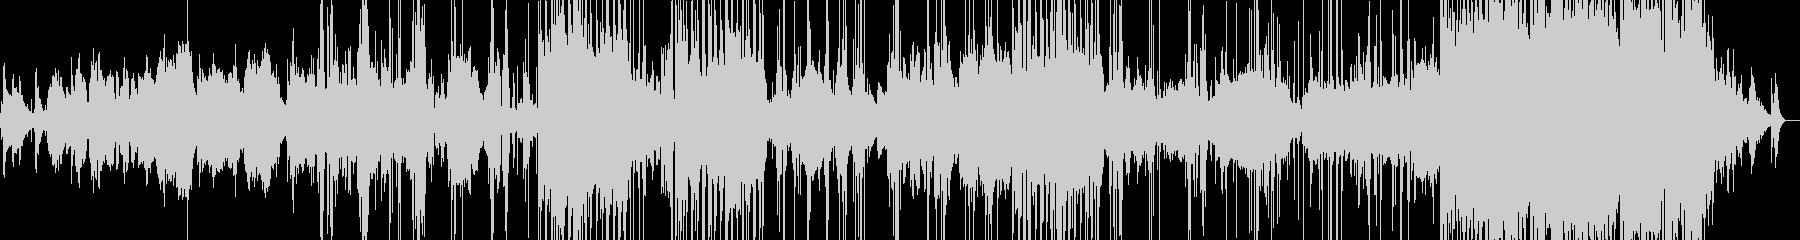 みずのほとり-水の音とカエルの鳴き声の未再生の波形